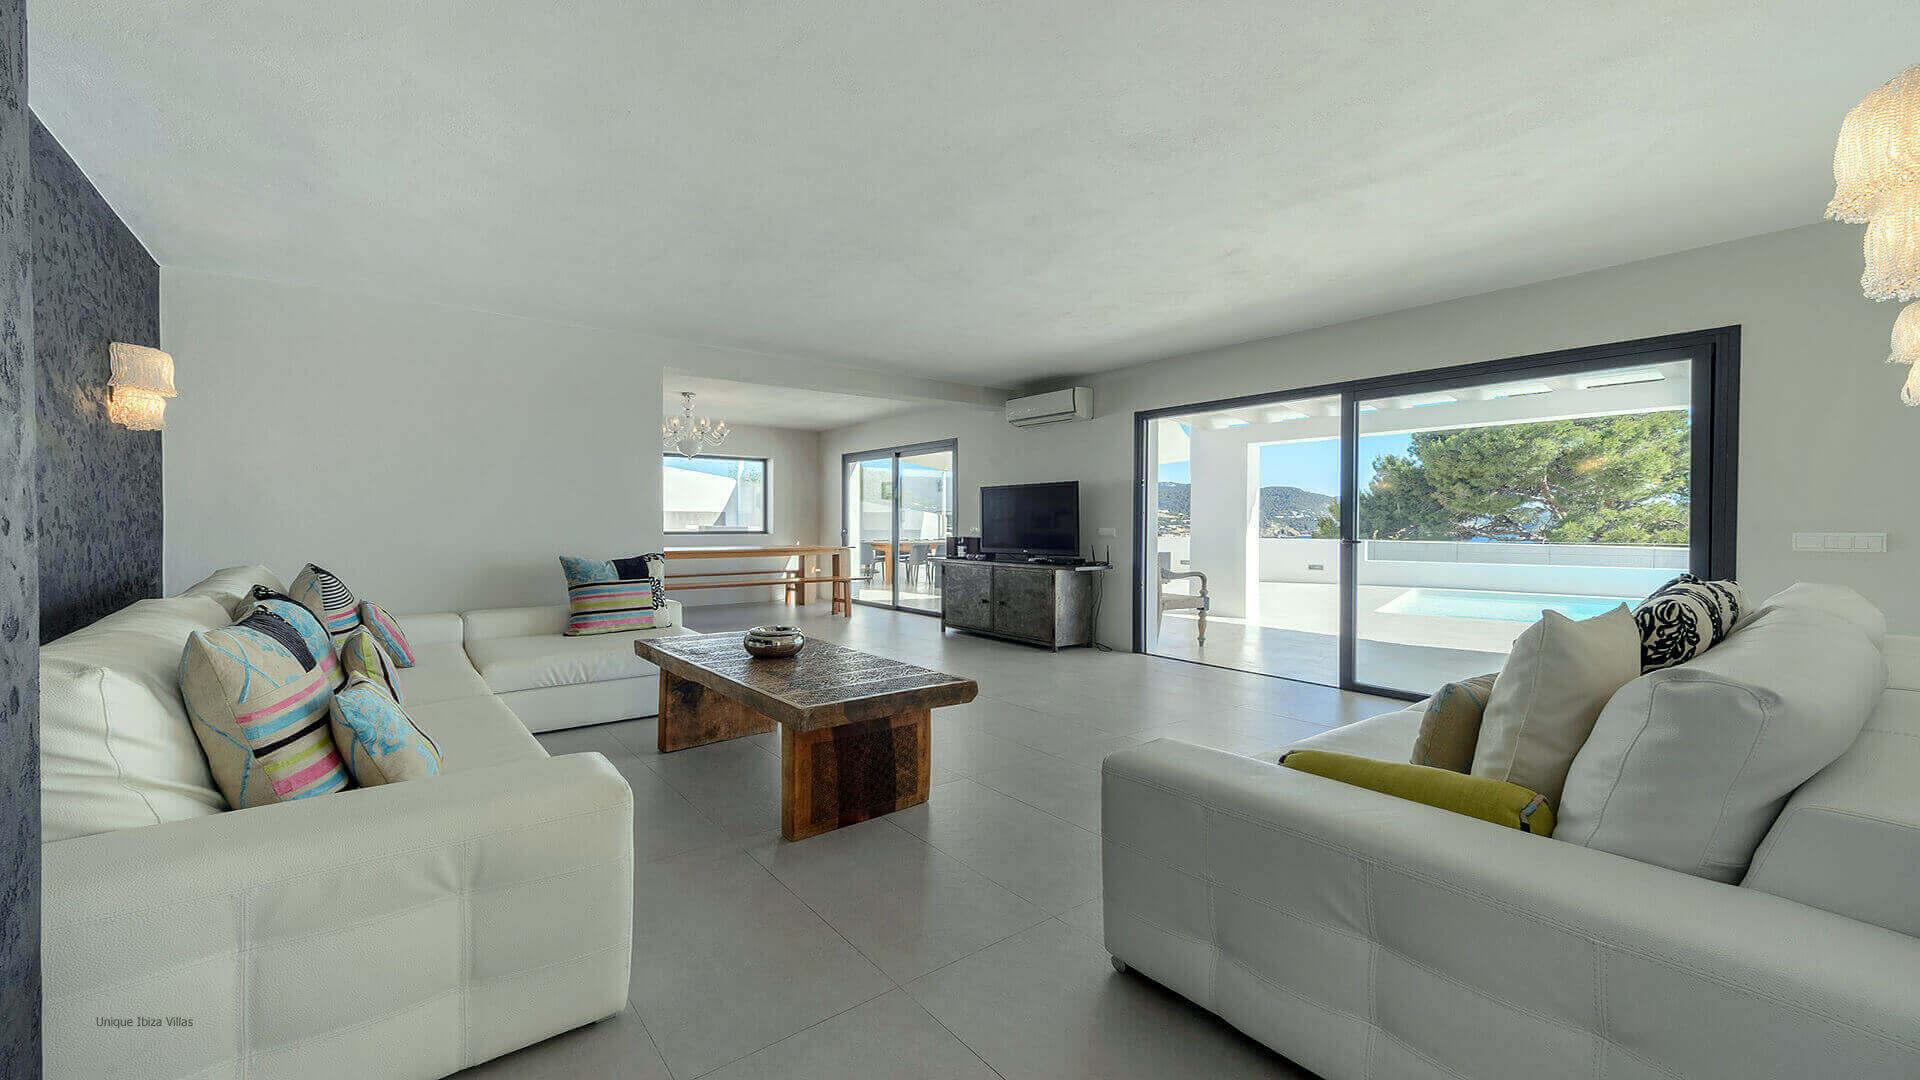 Casa Delfin Ibiza 24 Cala Codolar